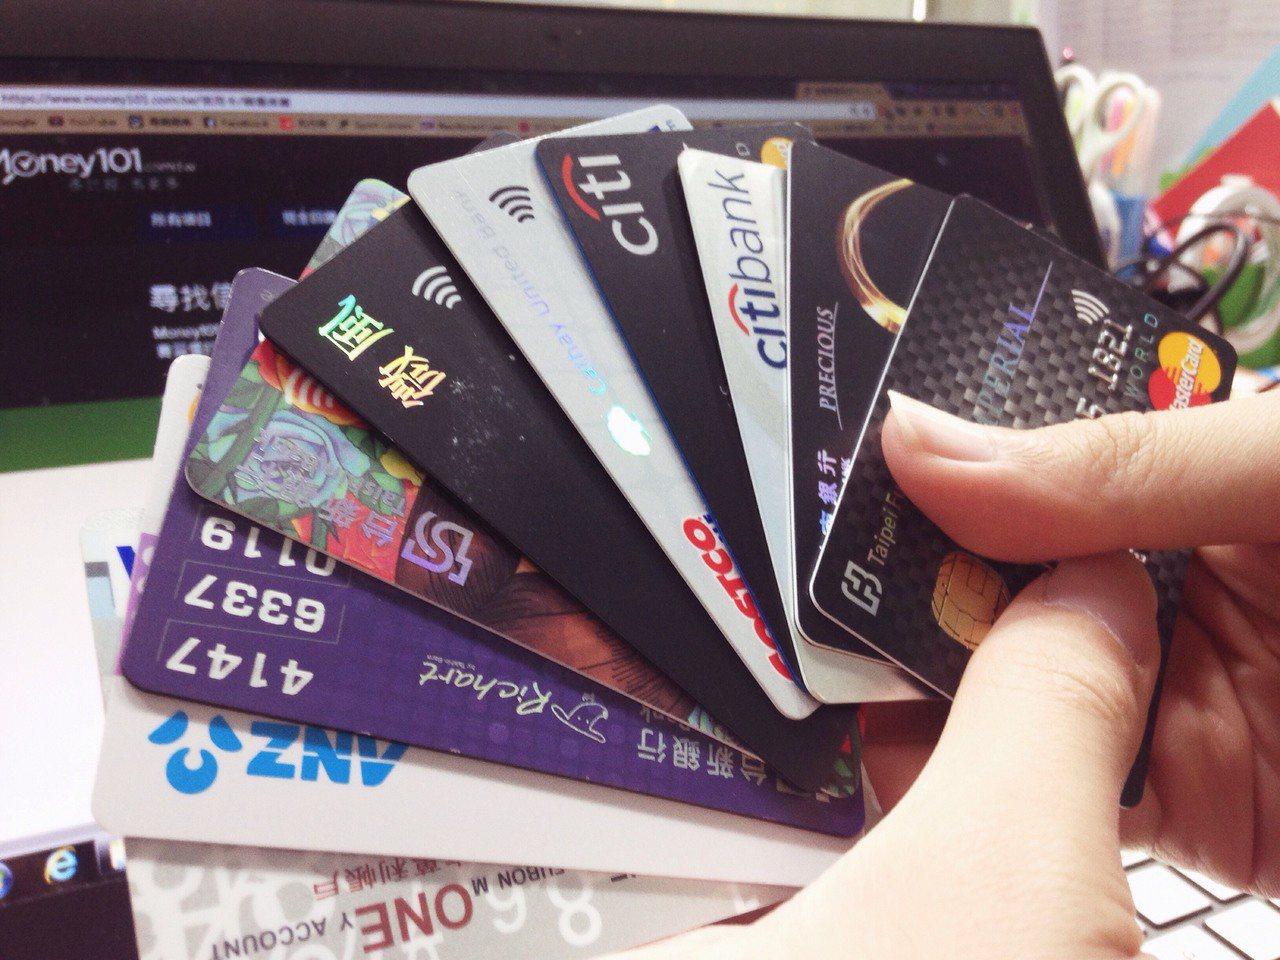 隨著網購量大爆發,銀行通報網路盜刷金額一路攀升。今年前8月,銀行通報的網路盜刷金...